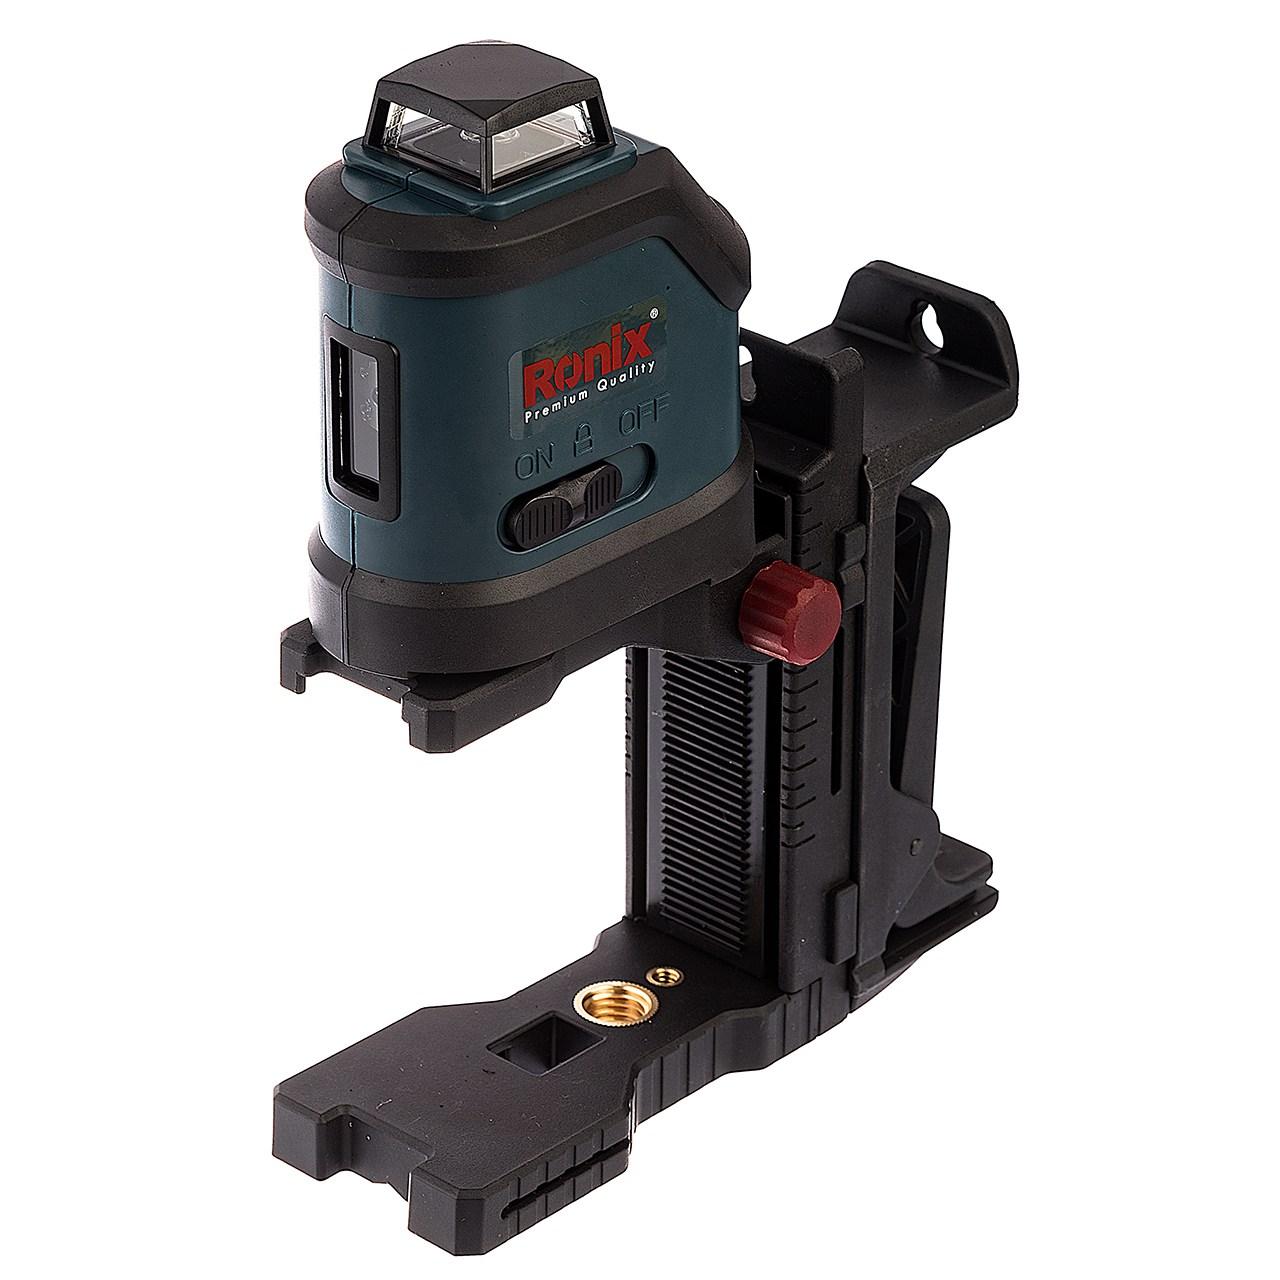 قیمت تراز لیزری رونیکس مدل RH-9502